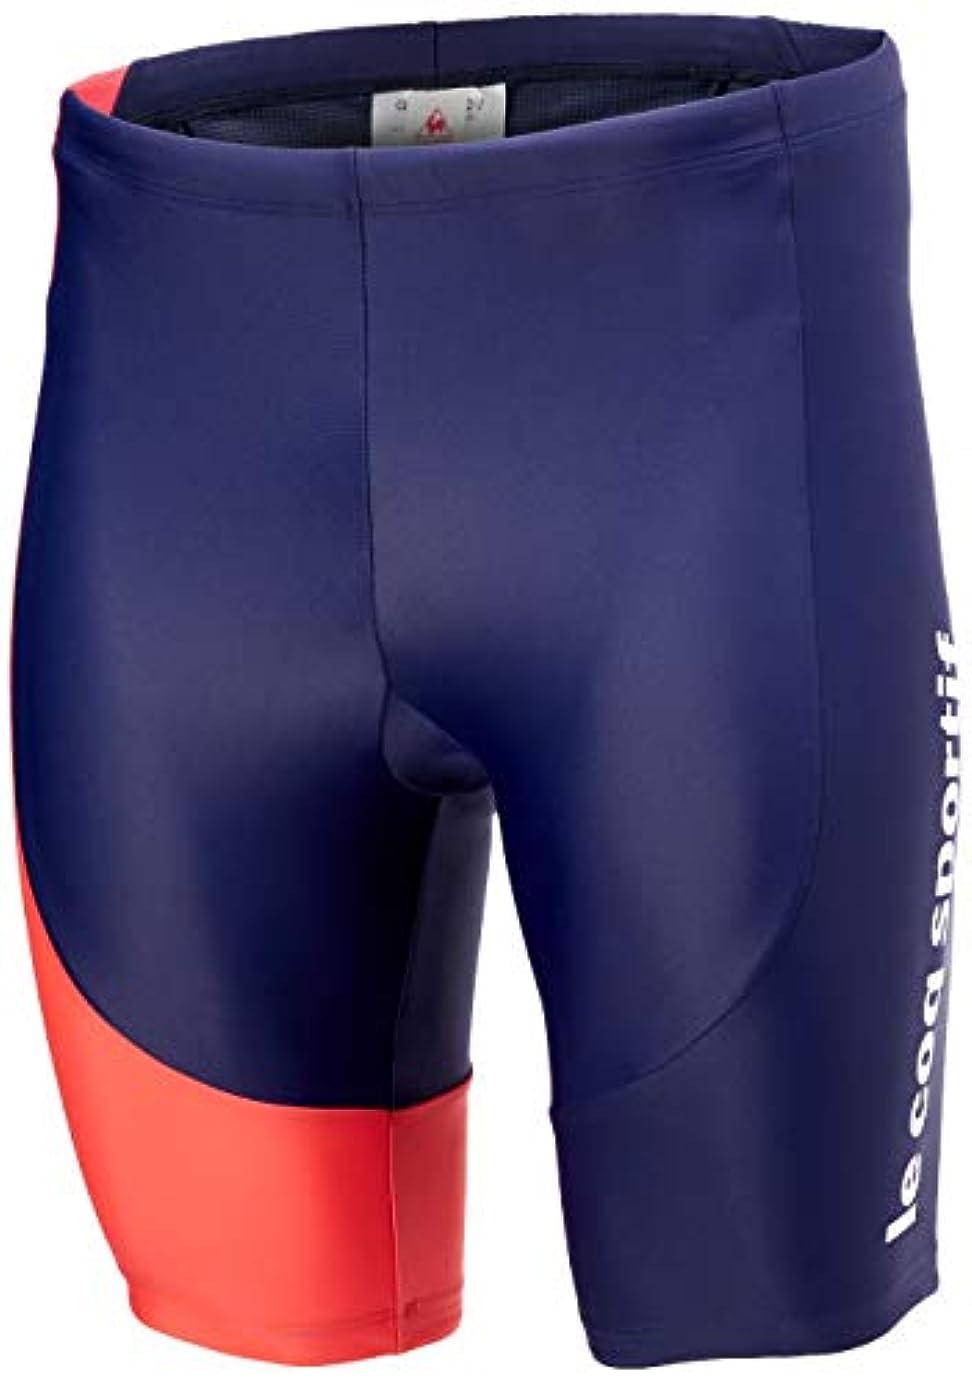 雇用願う破滅[ルコックスポルティフ] ショートパンツ/Short Pants サイクリングパッド,再帰反射,UPF50+